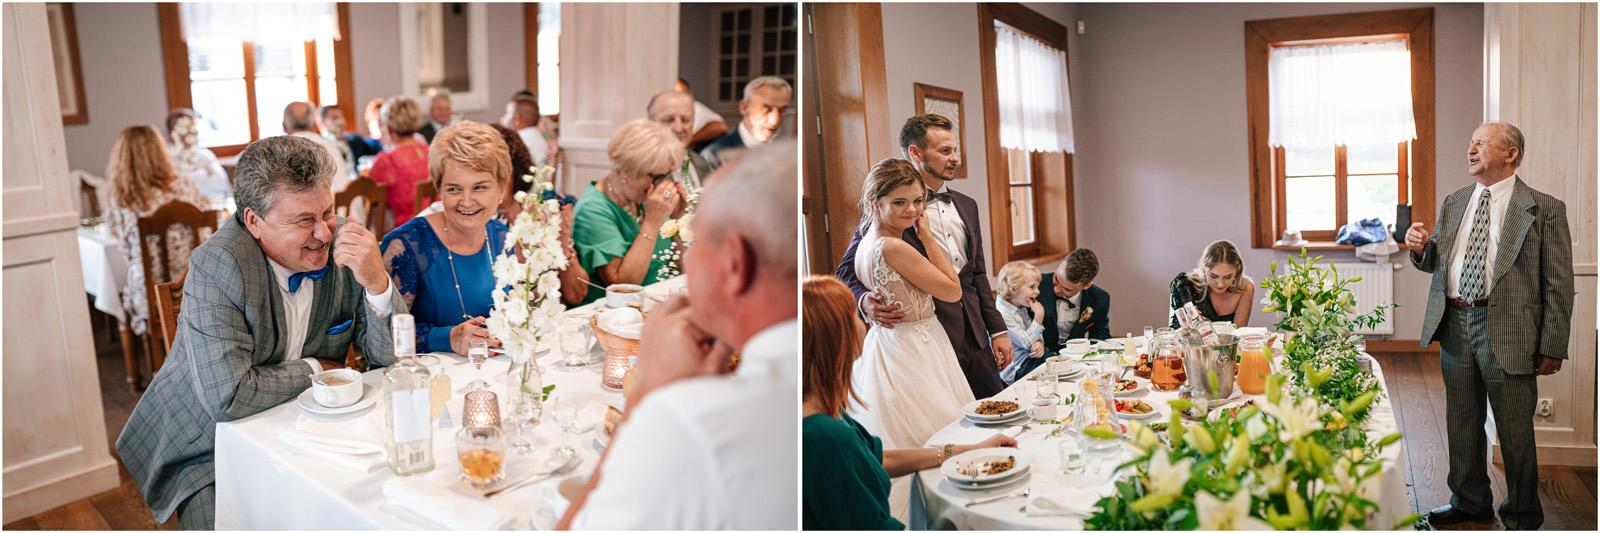 Kasia & Damian   ślub plenerowy w Kuźni Smaków i sesja w skansenie 63